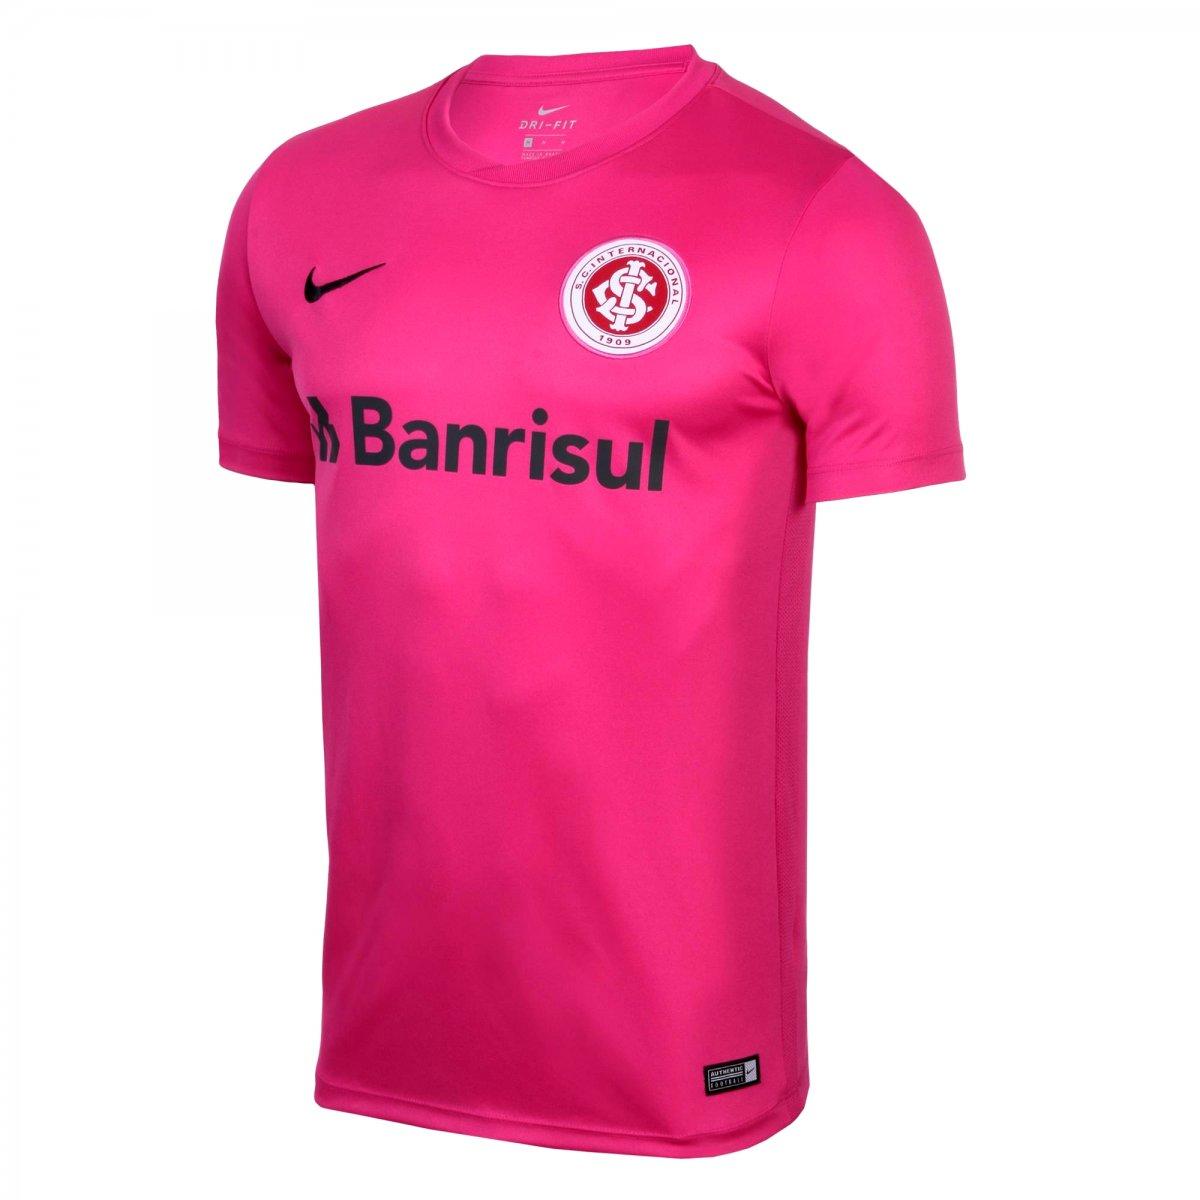 e462503c567a3 Camiseta Masculina Nike Internacional Outubro Rosa AA1081-616 Rosa